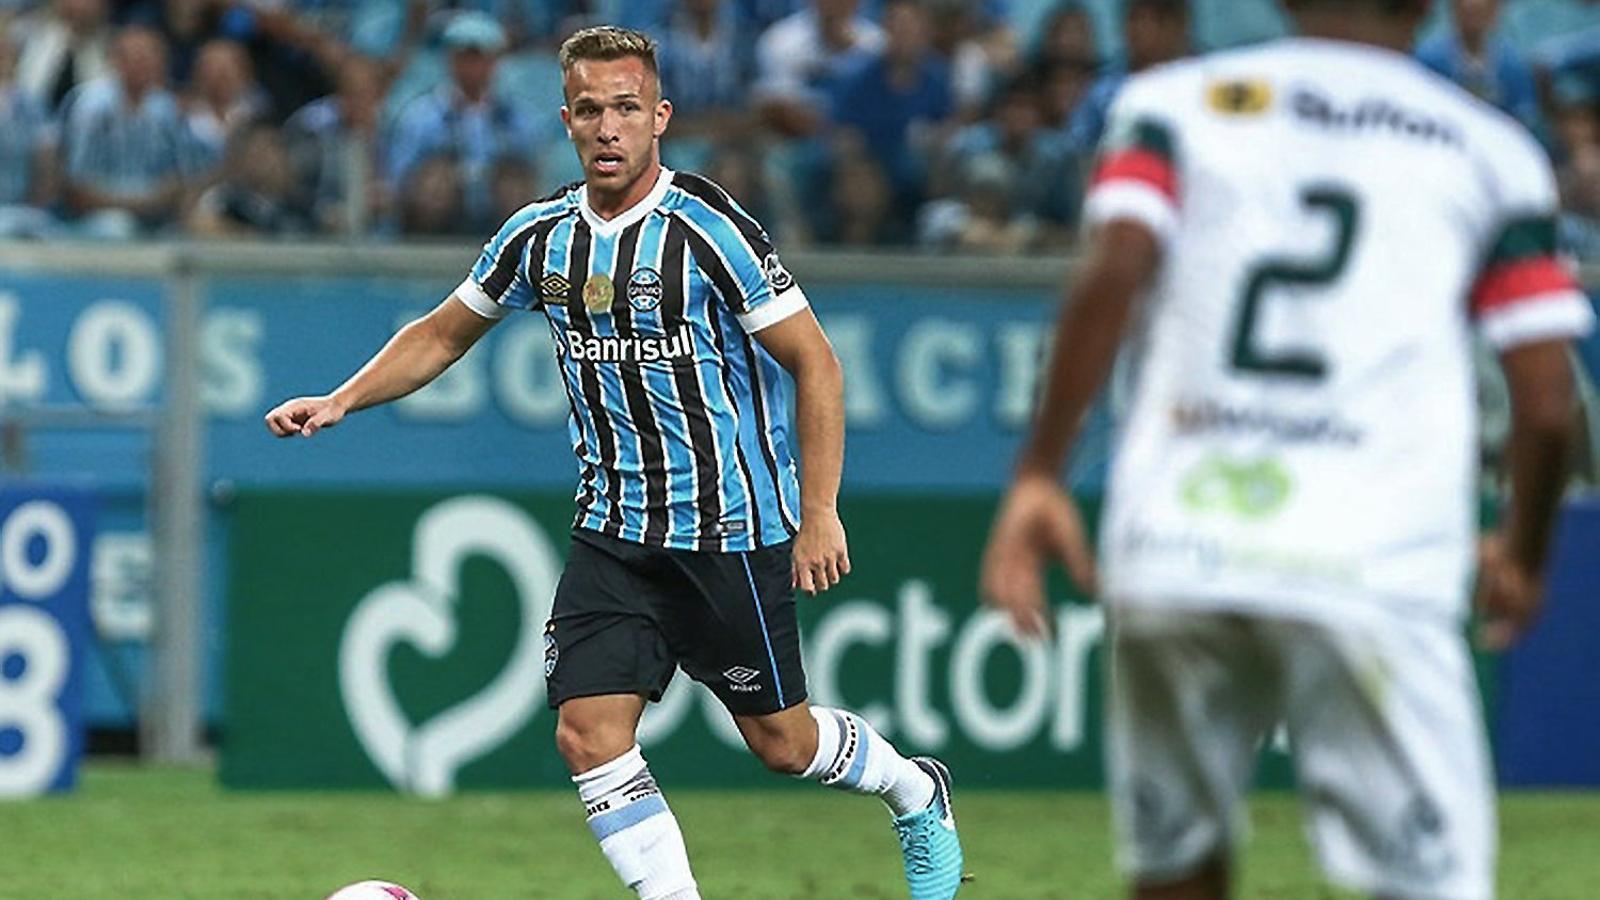 Arthur ja torna a fer gols amb el Gremio